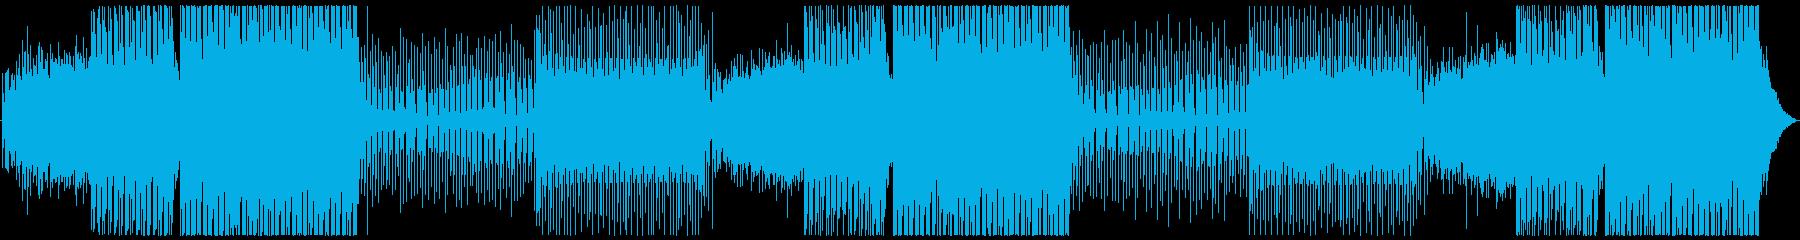 さわやか四つ打ちEDM系ダンスBGMの再生済みの波形